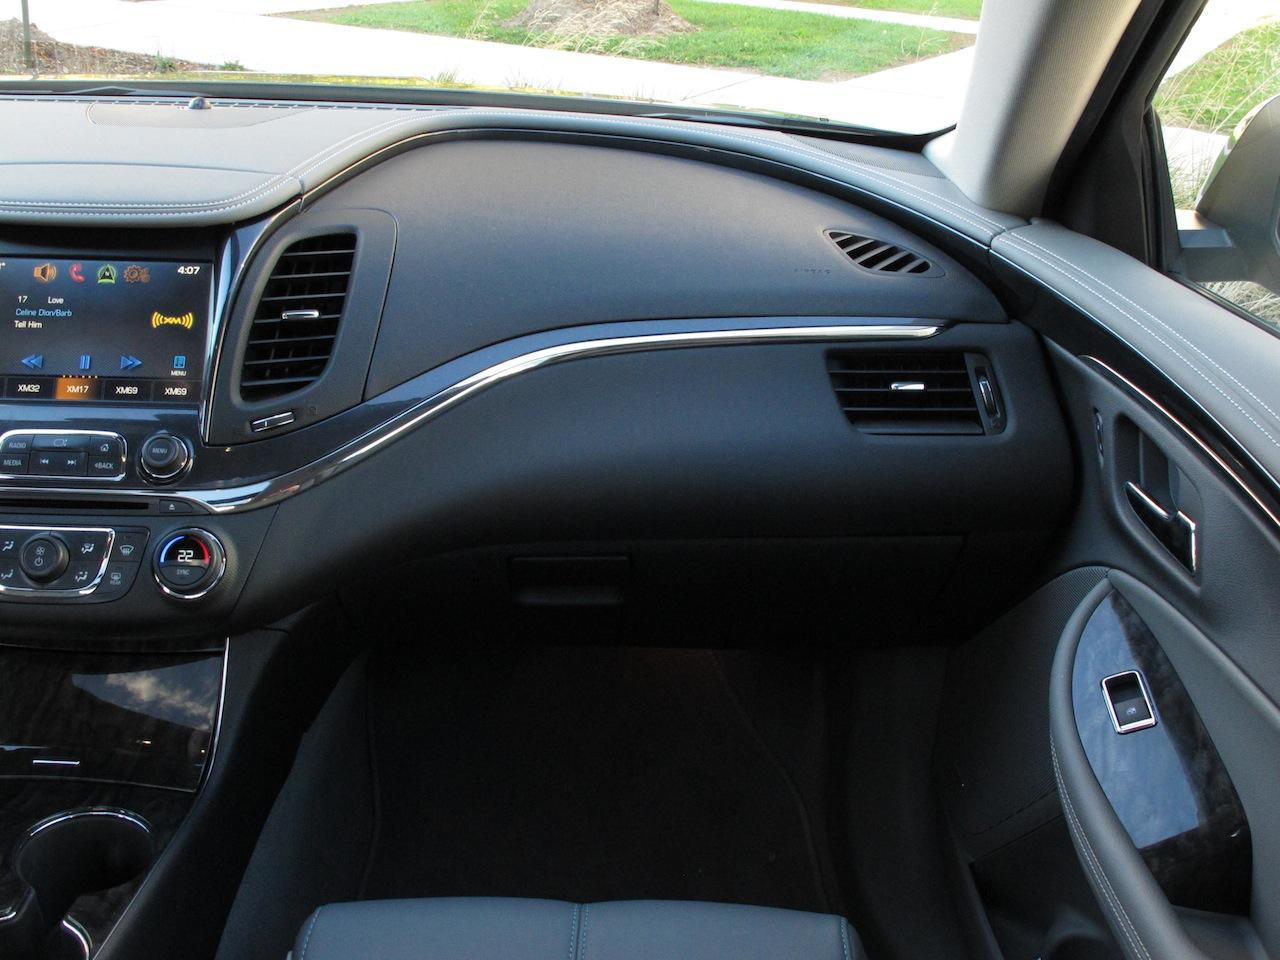 2014 雪佛蘭 Chevrolet Impala Ltz Review Cars Photos Test